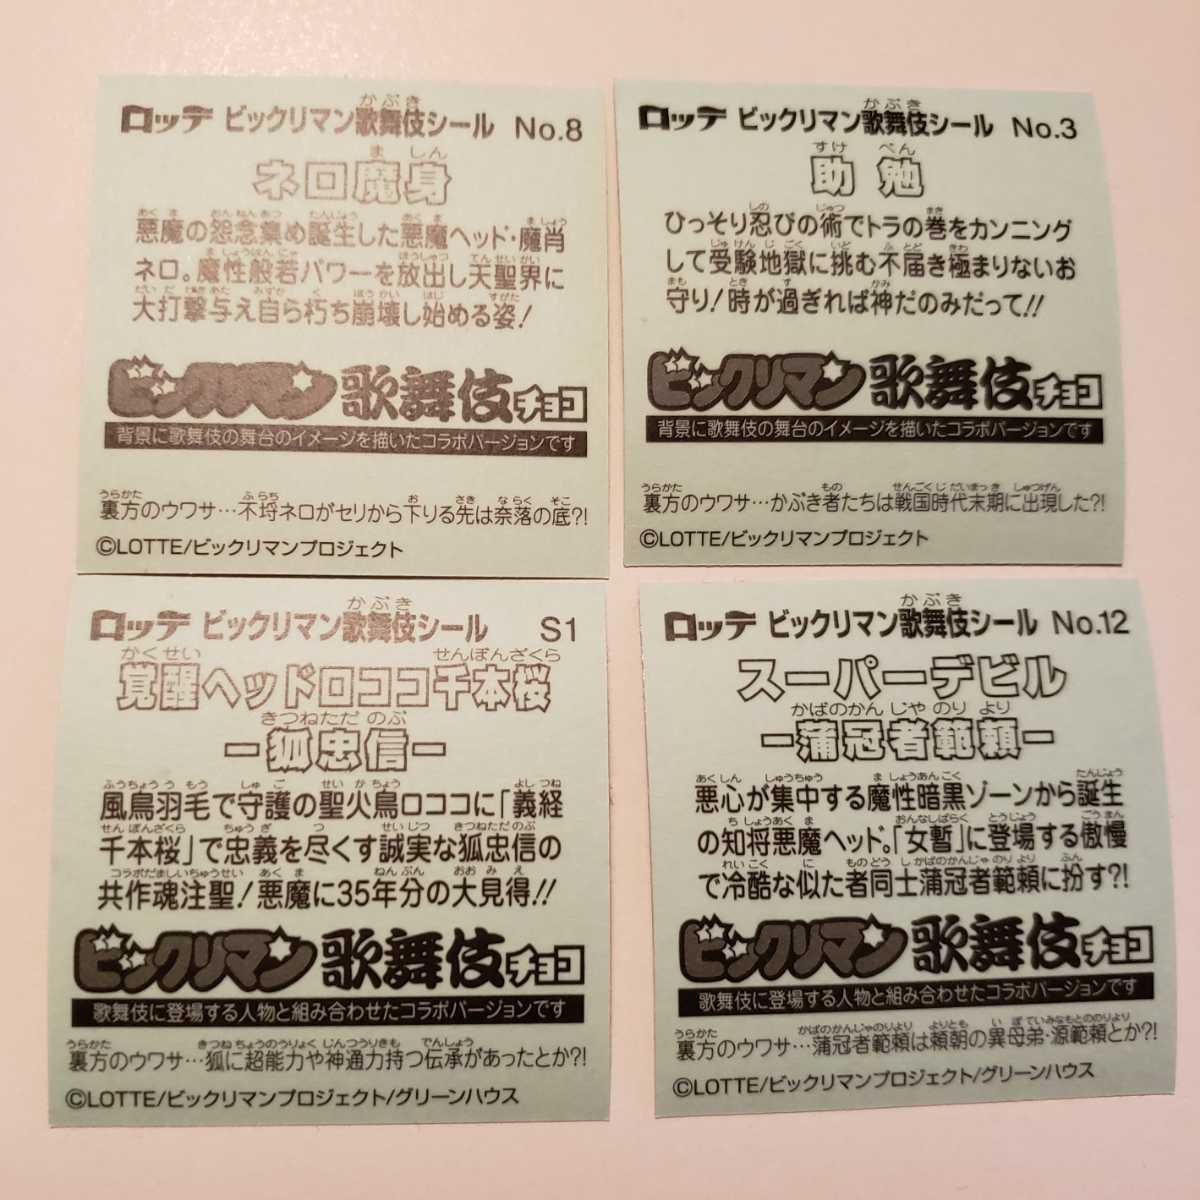 ビックリマン 歌舞伎シール 覚醒ヘッドロココ千本桜 スーパーデビル ネロ魔身 助勉 ☆ ビックリマンチョコシール 4種セット